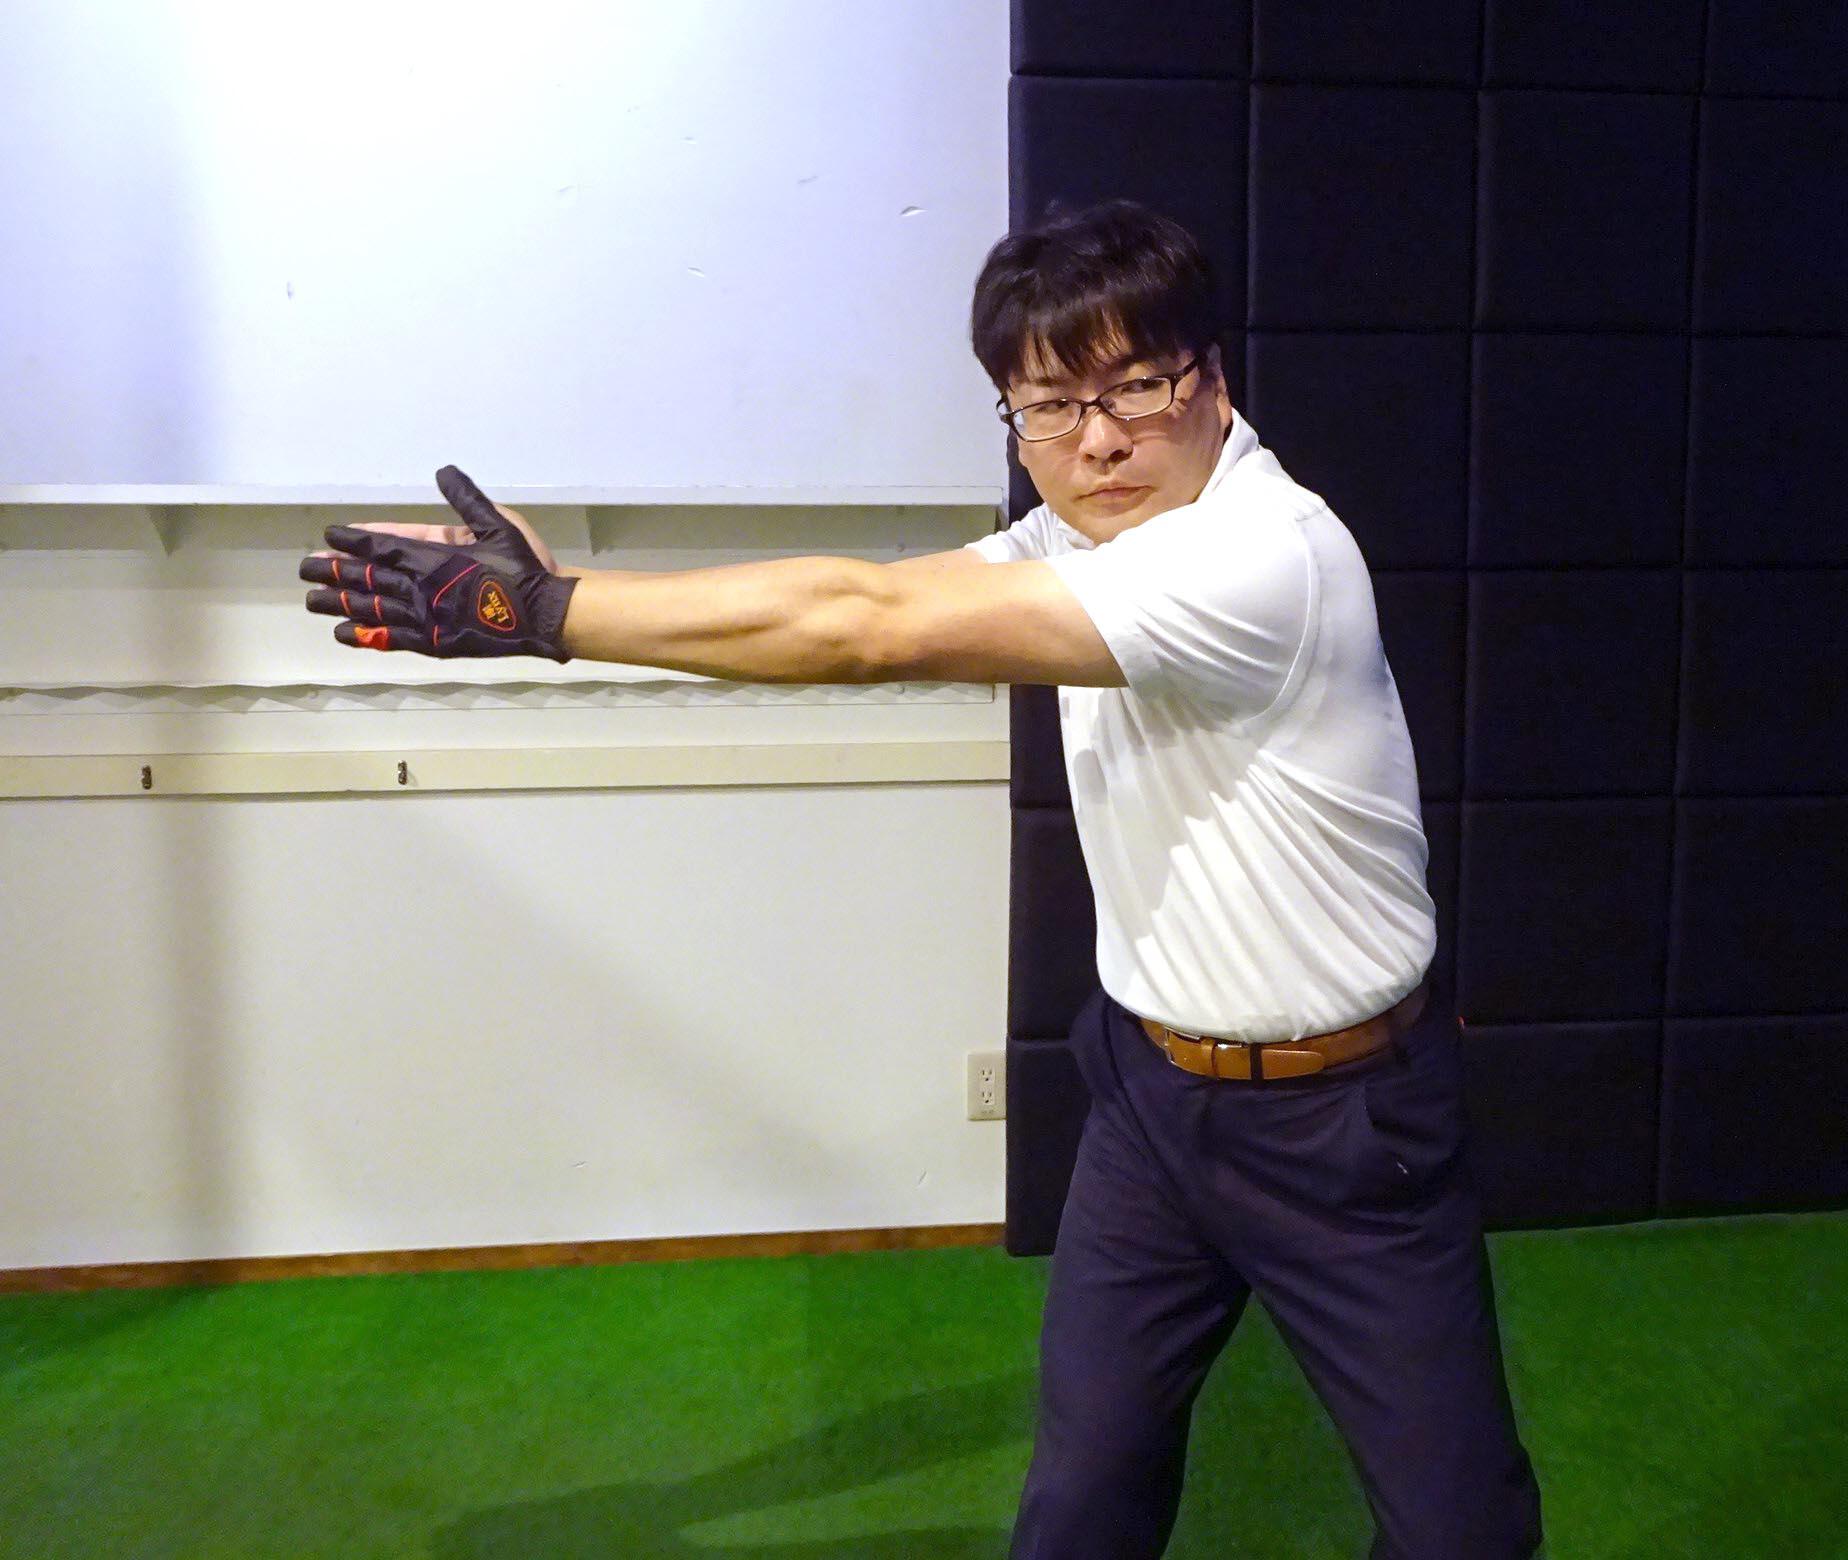 右手と左手がピッタリ合わさる位置まで左肩を回すことがポイント